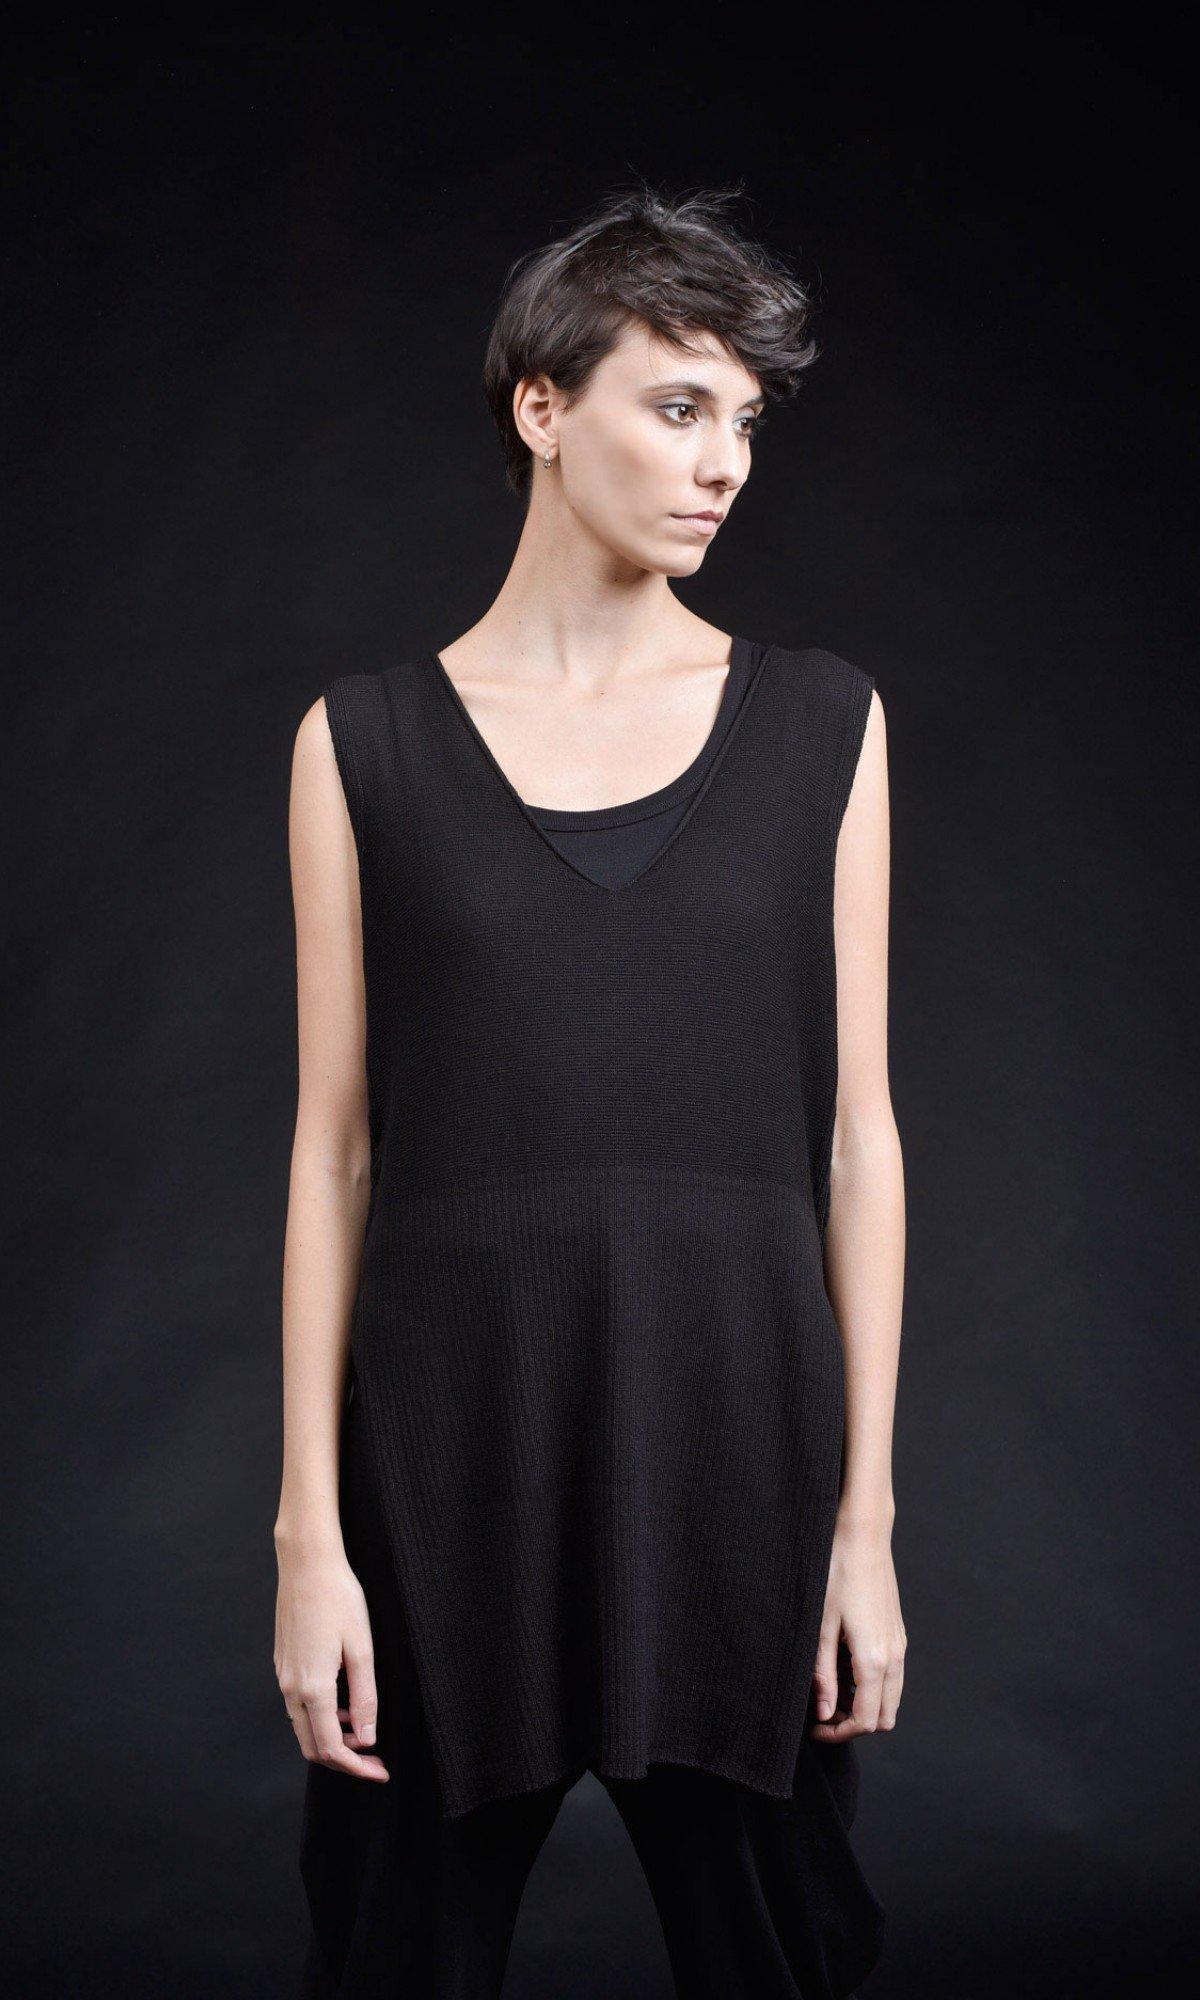 Black Deep V Neck Knit Top